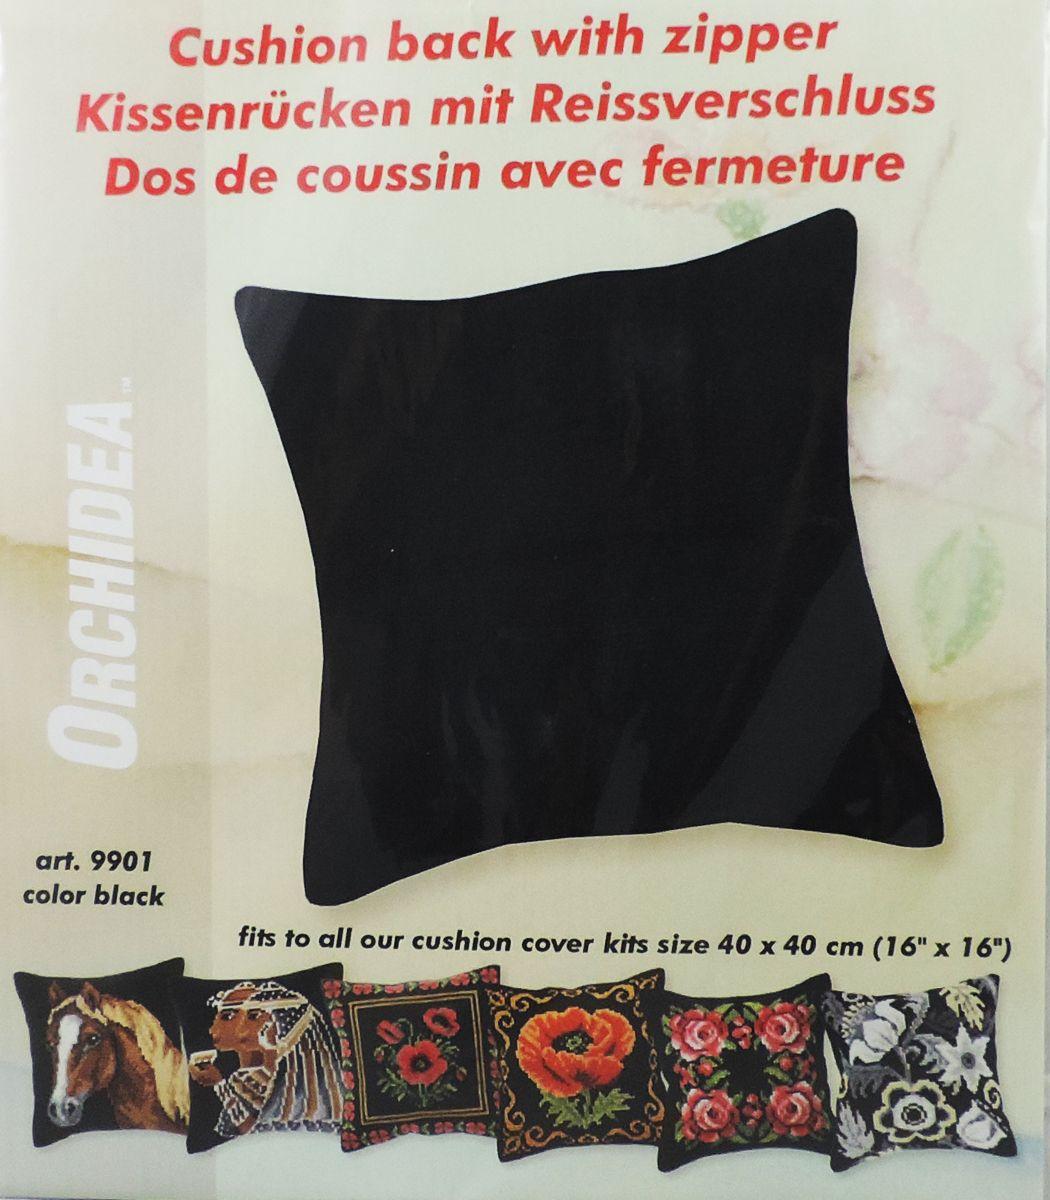 Обратная сторона подушки Orchidea, 45 х 45 см, цвет: черный. 9901C0042416Обратная сторона подушки с уже вшитой молнией. Идеальна для подушек размером 40х40 см. В центре вшит замок-молния, вам останется только пришить ее к декоративной части подушки. Состав: 100% хлопок